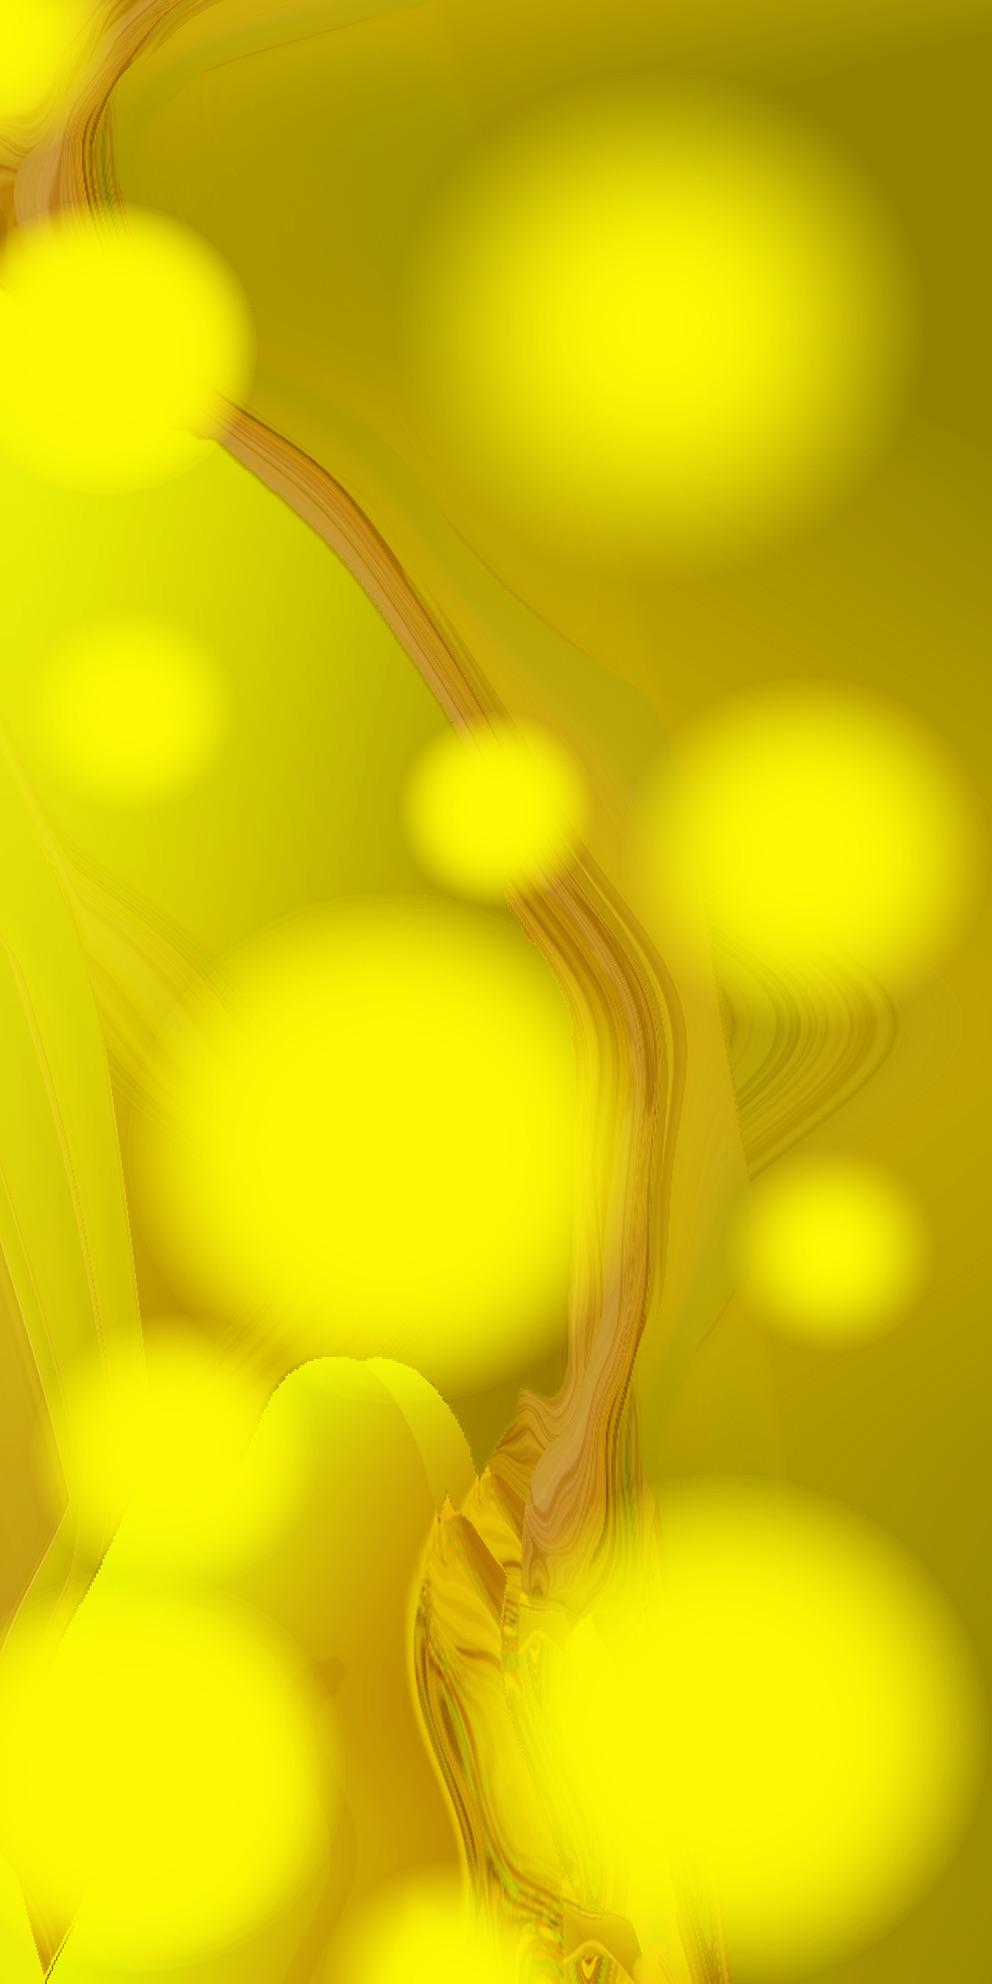 giardino-giallo2a